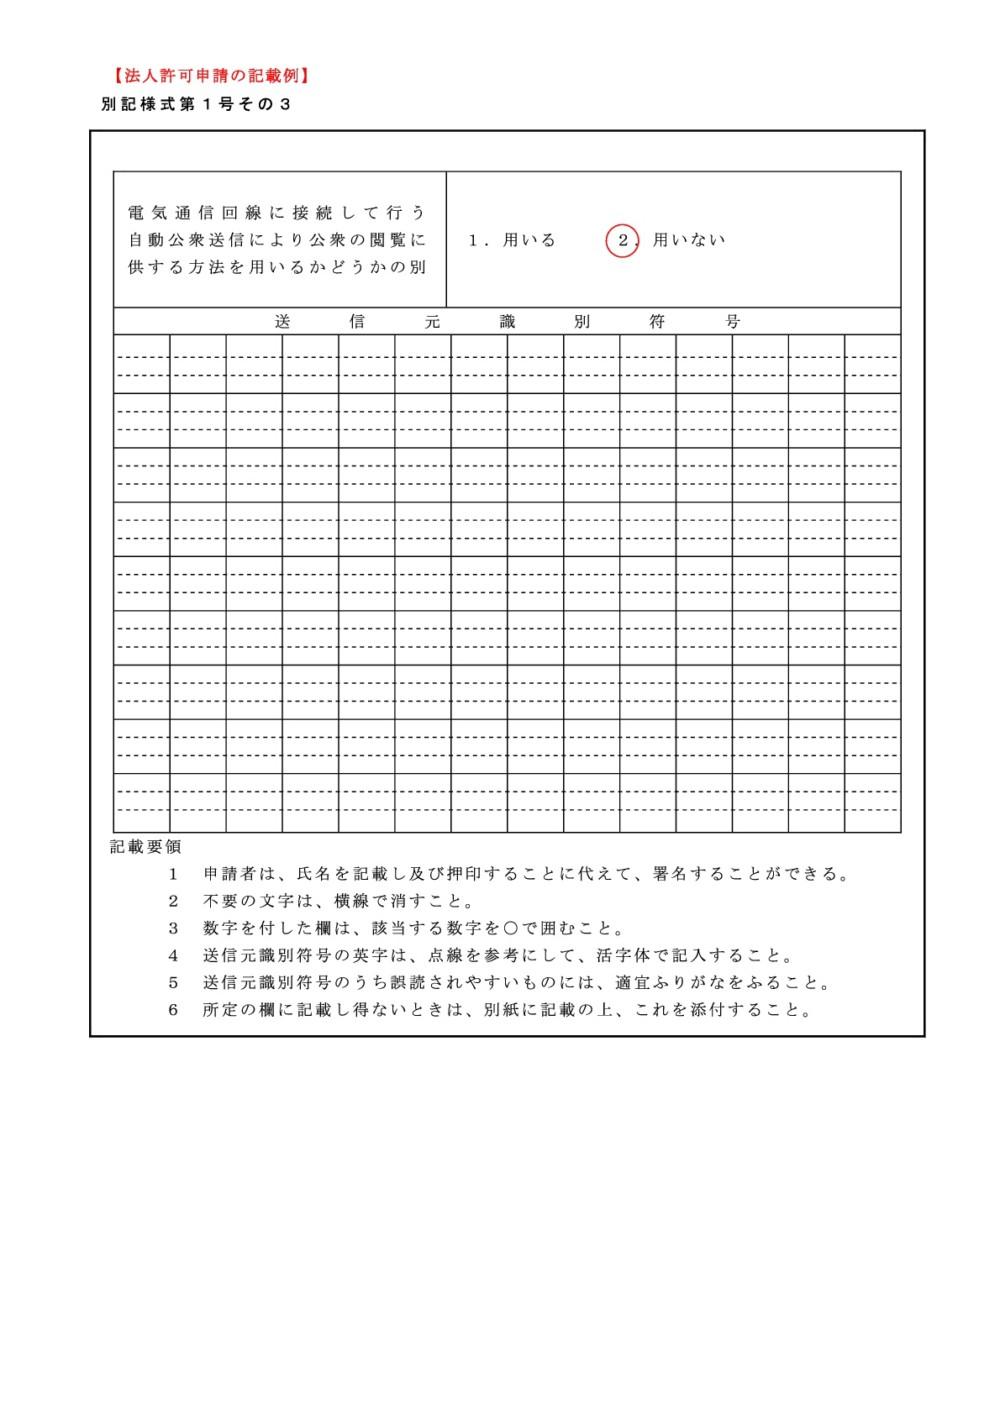 kobutu1_04r-001